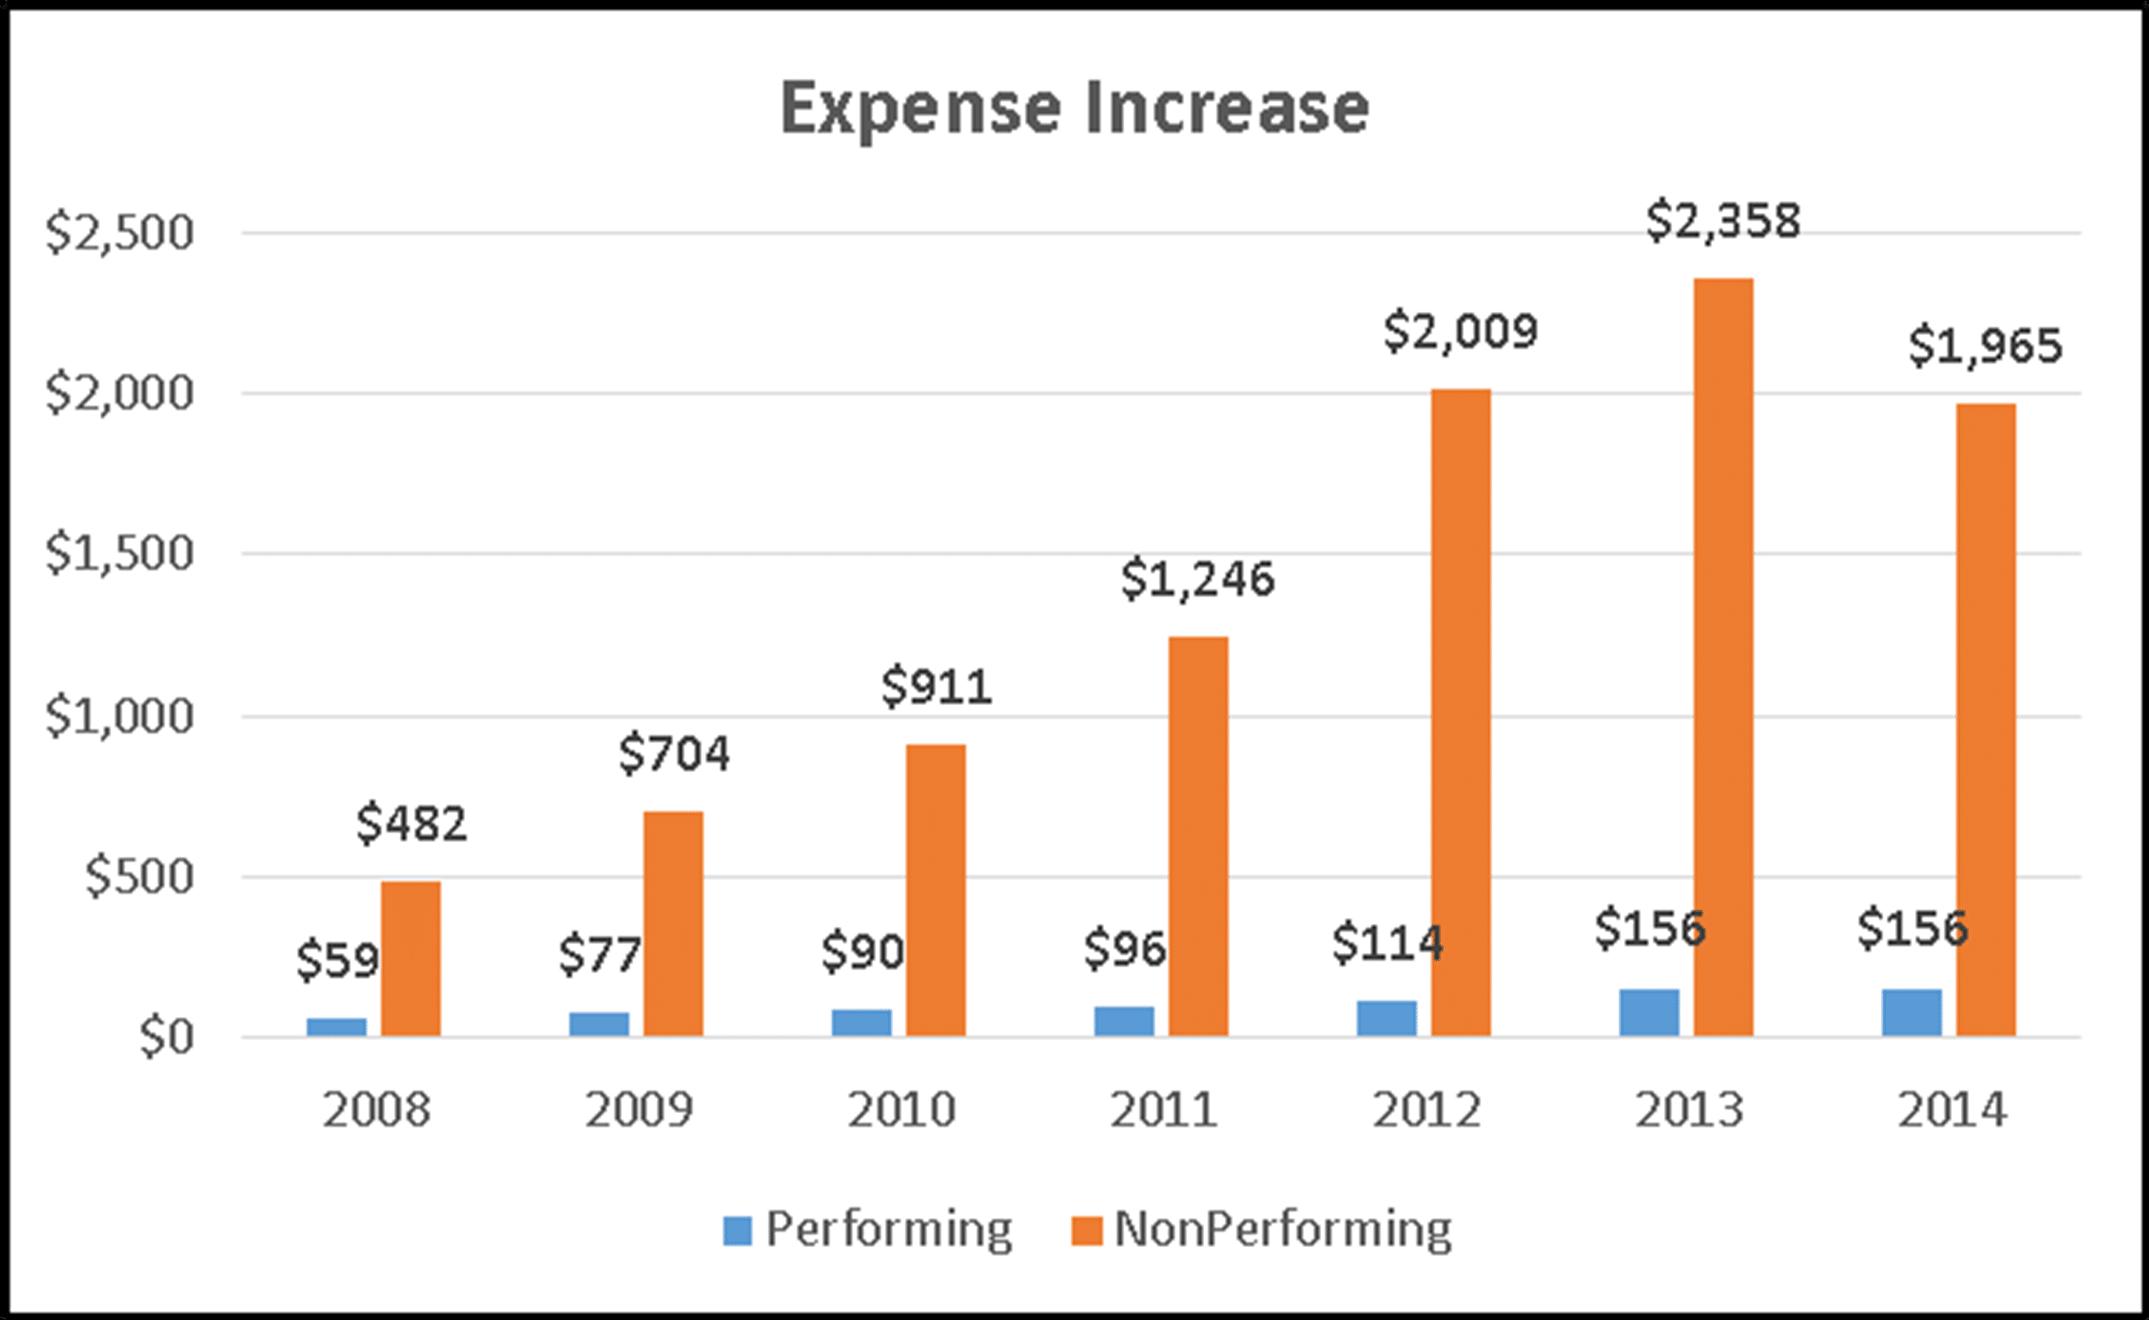 Expense Increase